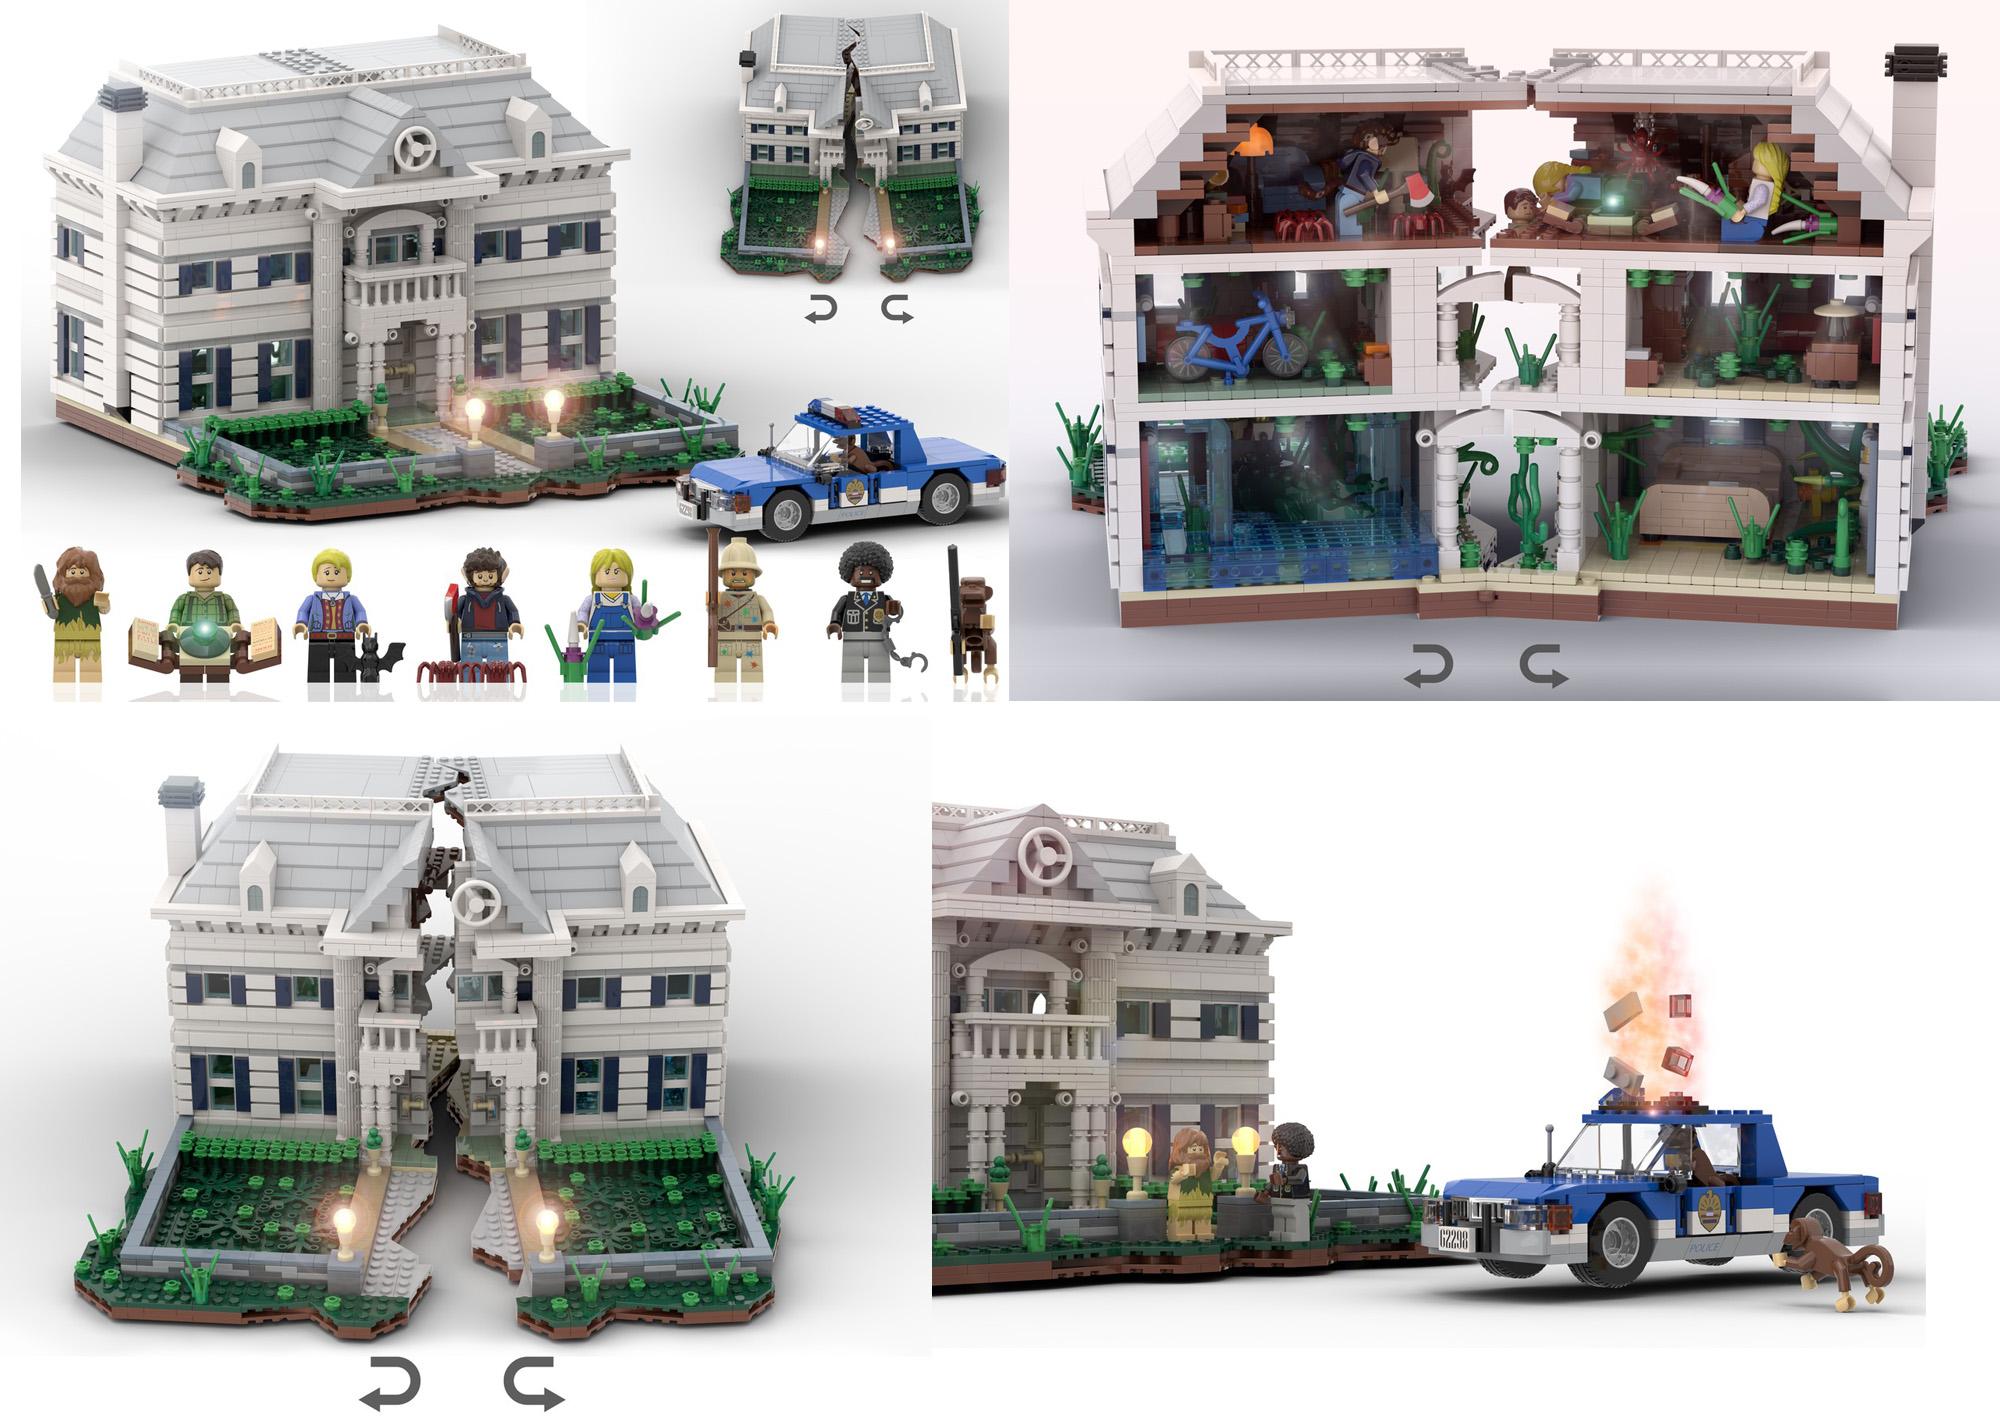 映画ジュマンジがレゴアイデア製品化レビュー進出!2020年第3回1万サポート獲得デザイン紹介